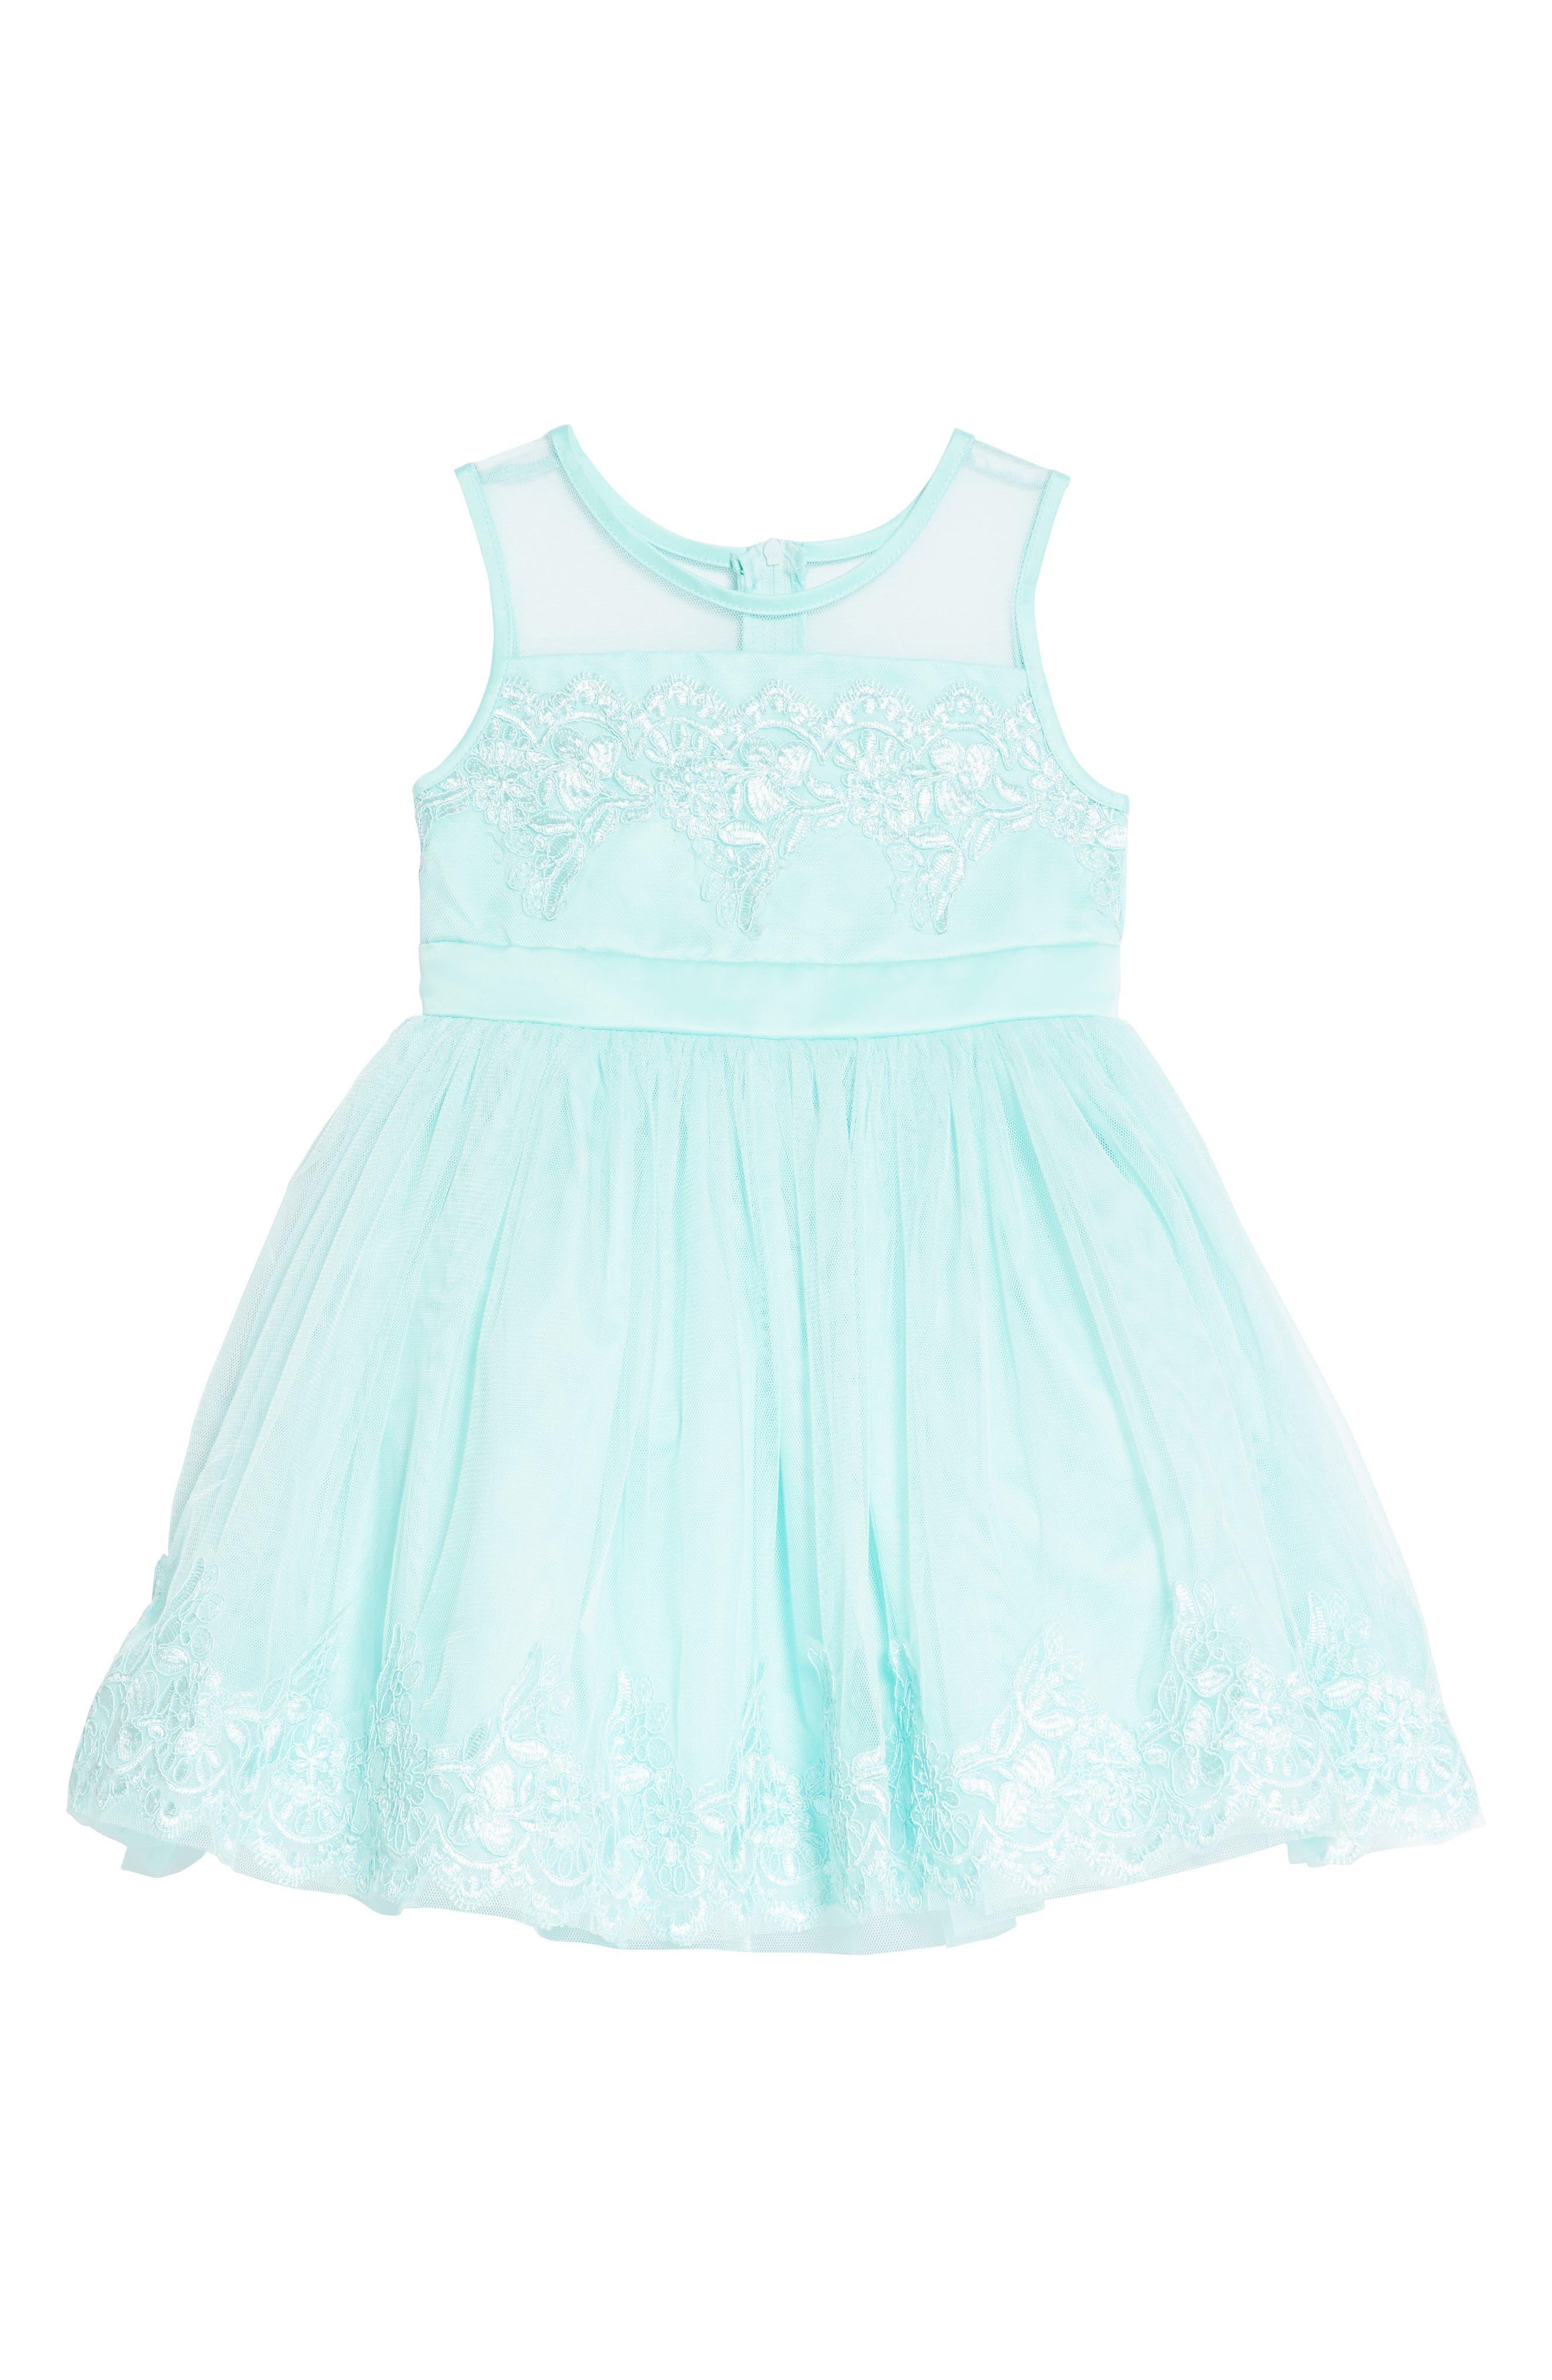 Tulle & Lace Party Dress,                             Main thumbnail 1, color,                             Aqua